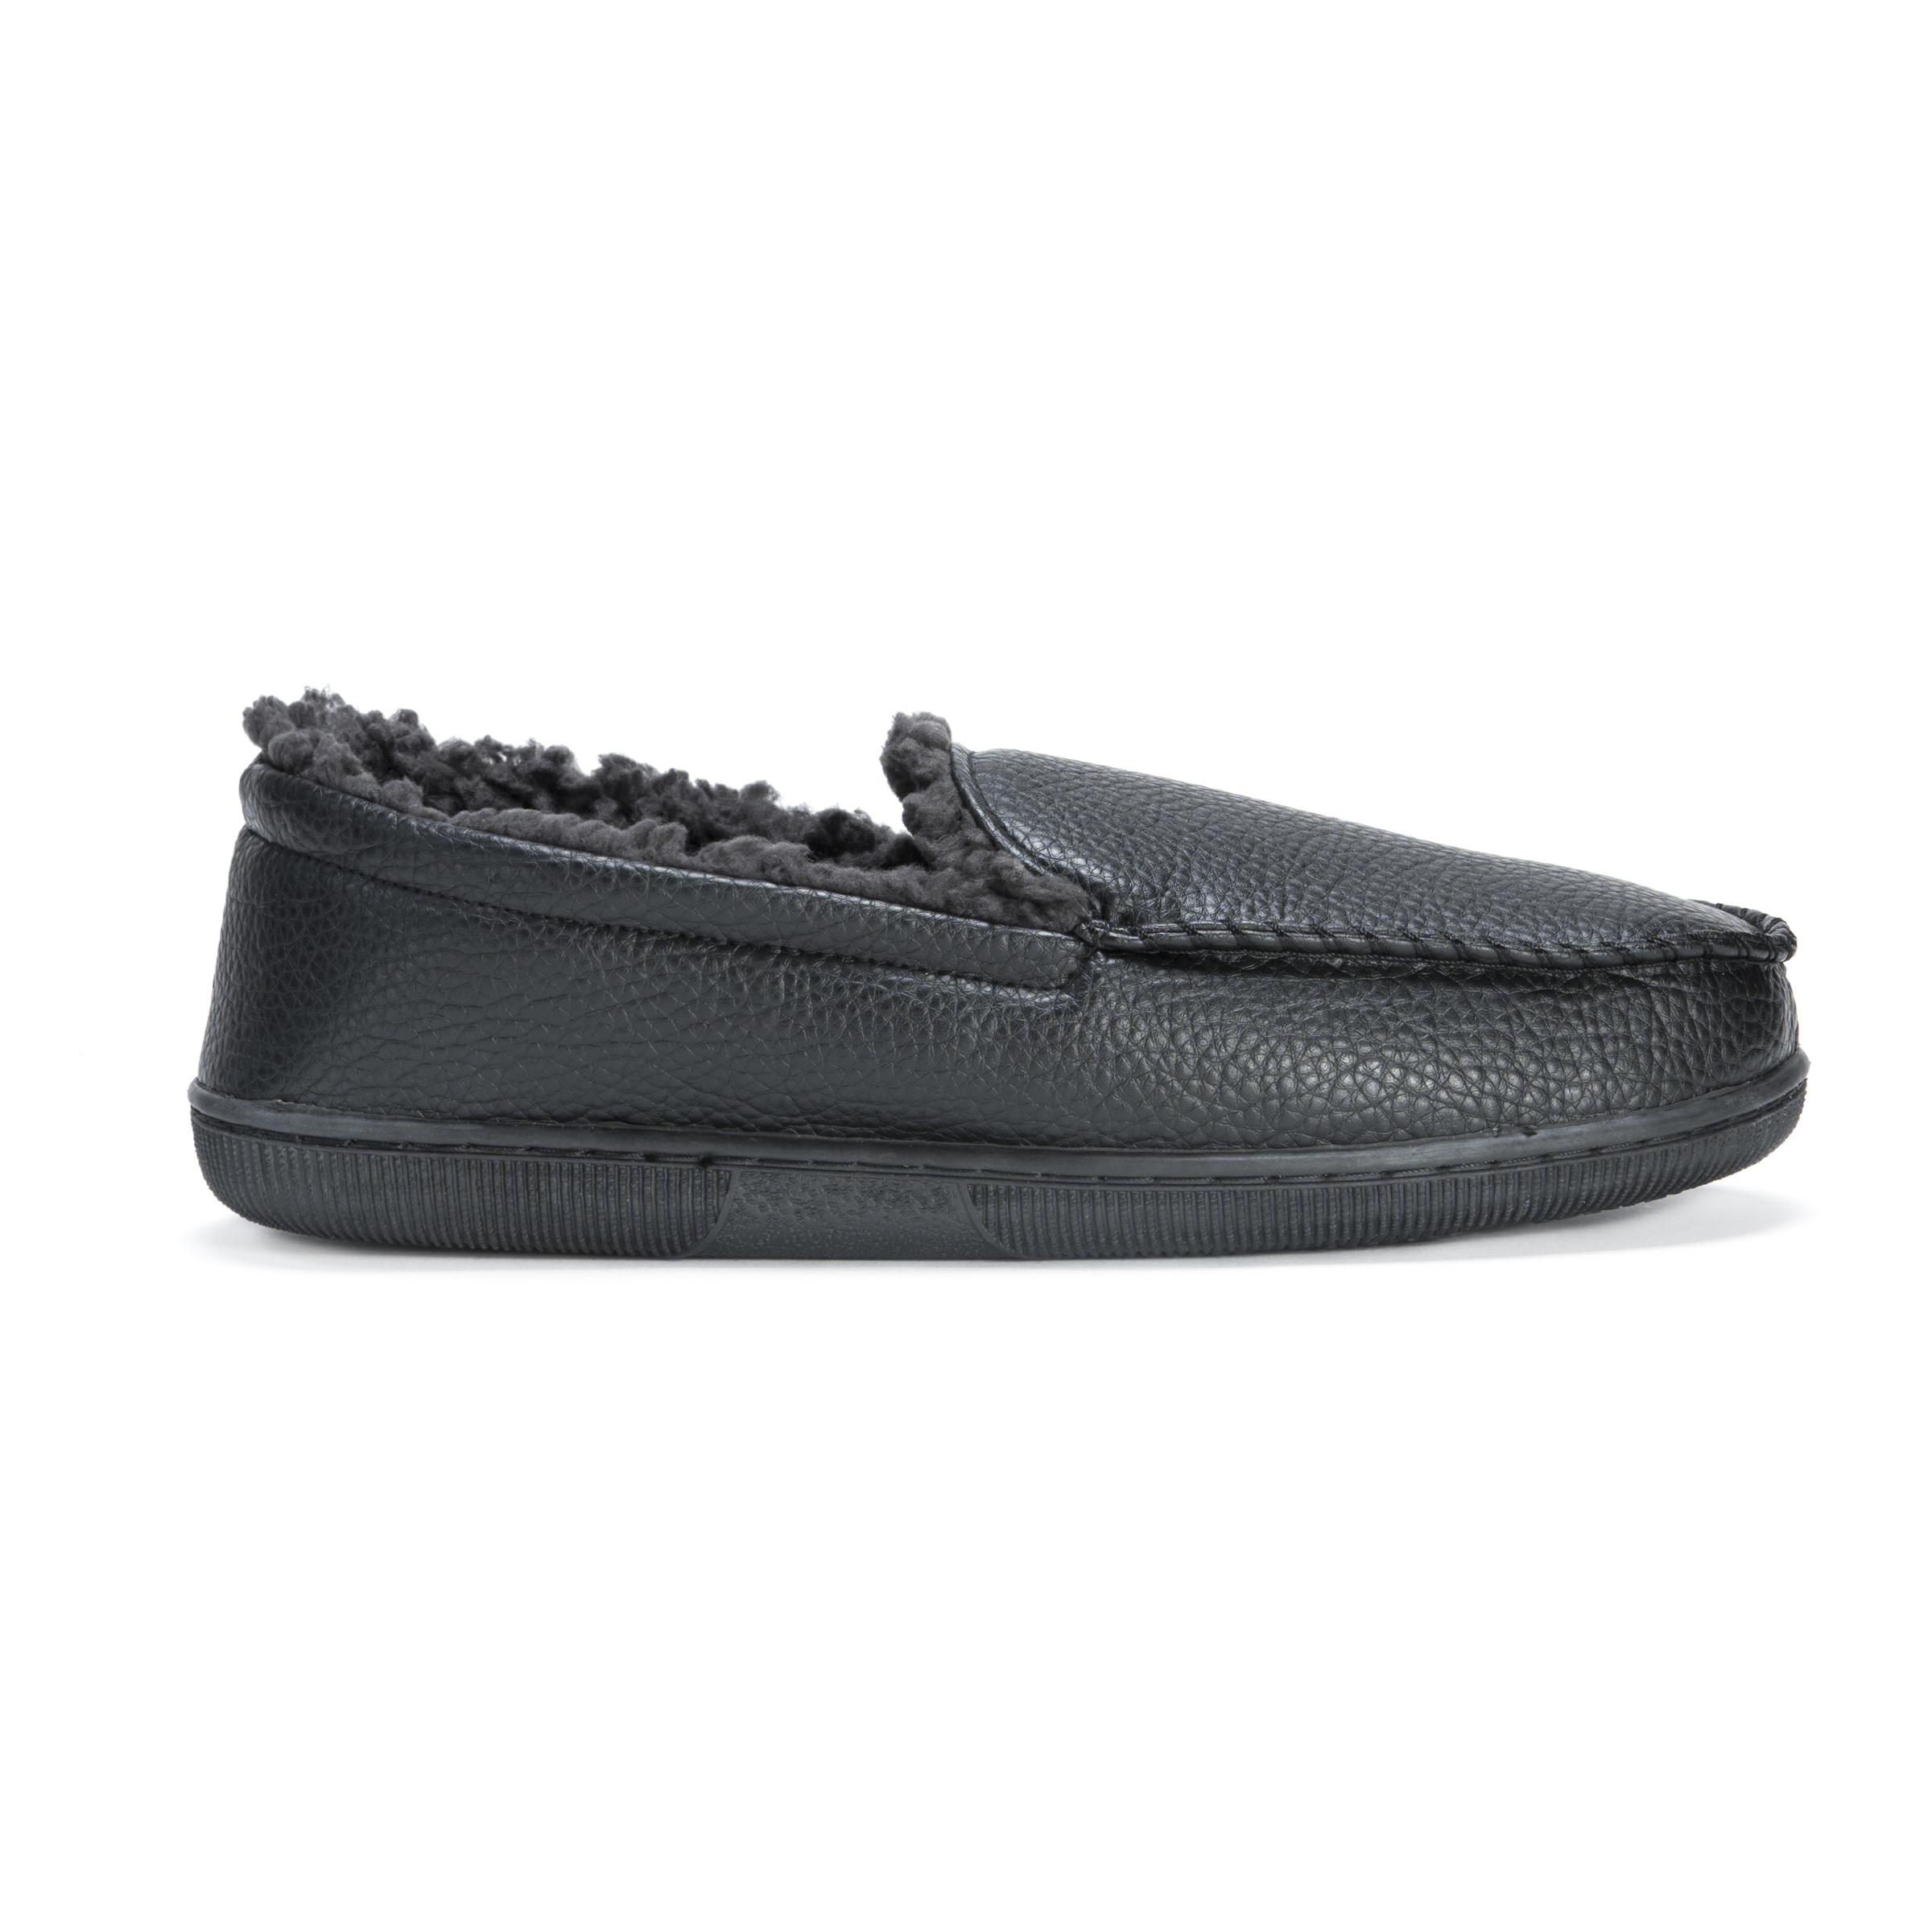 d23787d610b1 Men s Moccasin Slipper – Black